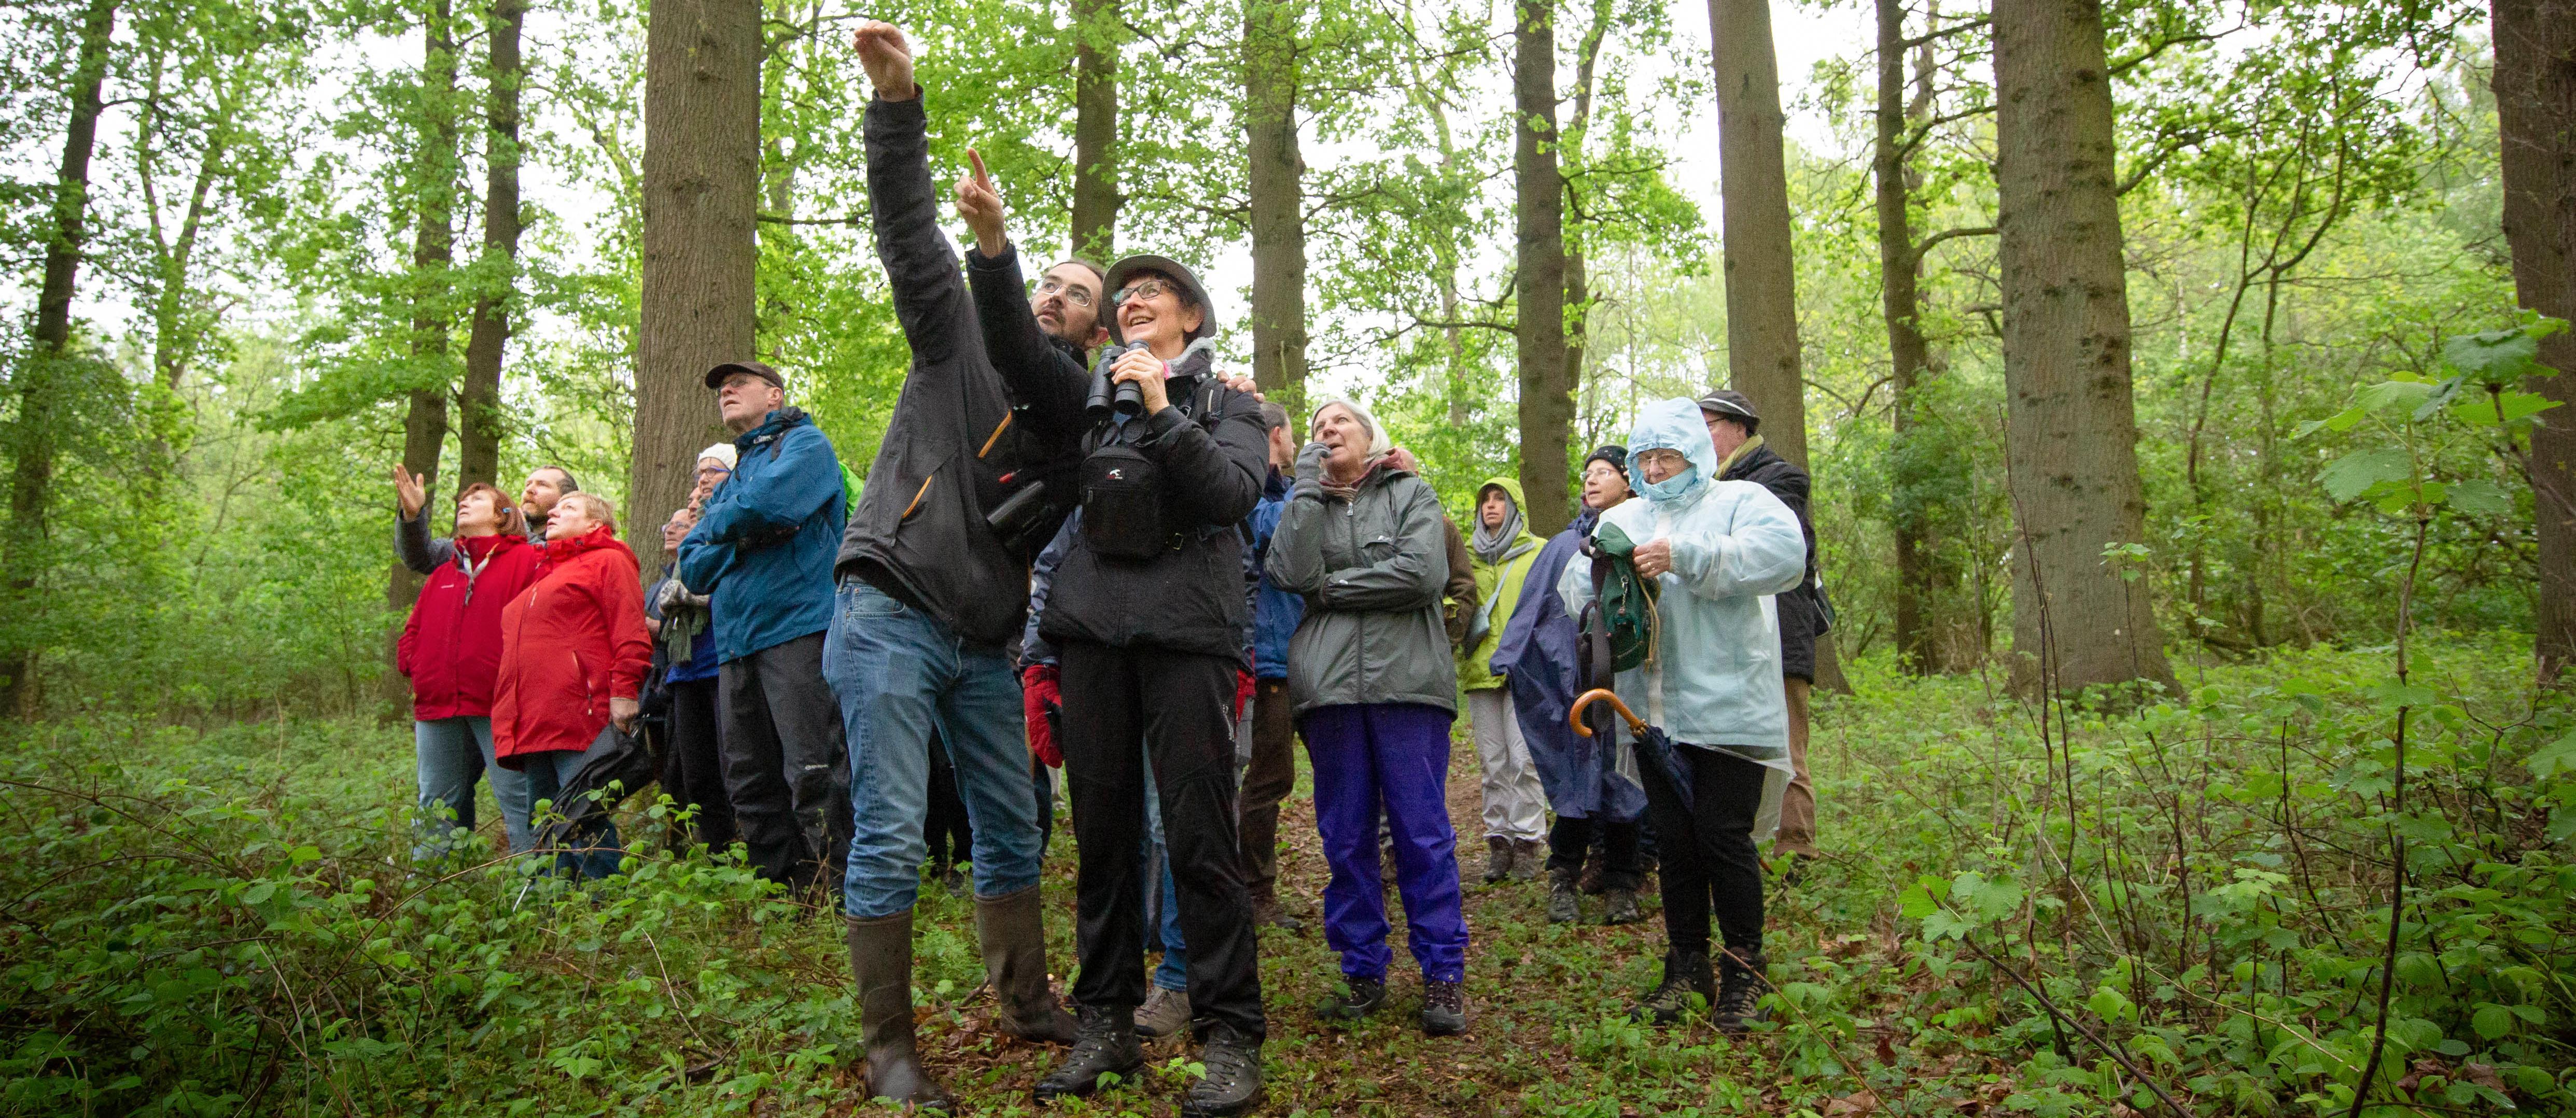 Katrien Buysse - Op ontdekking in het Kluizenbos